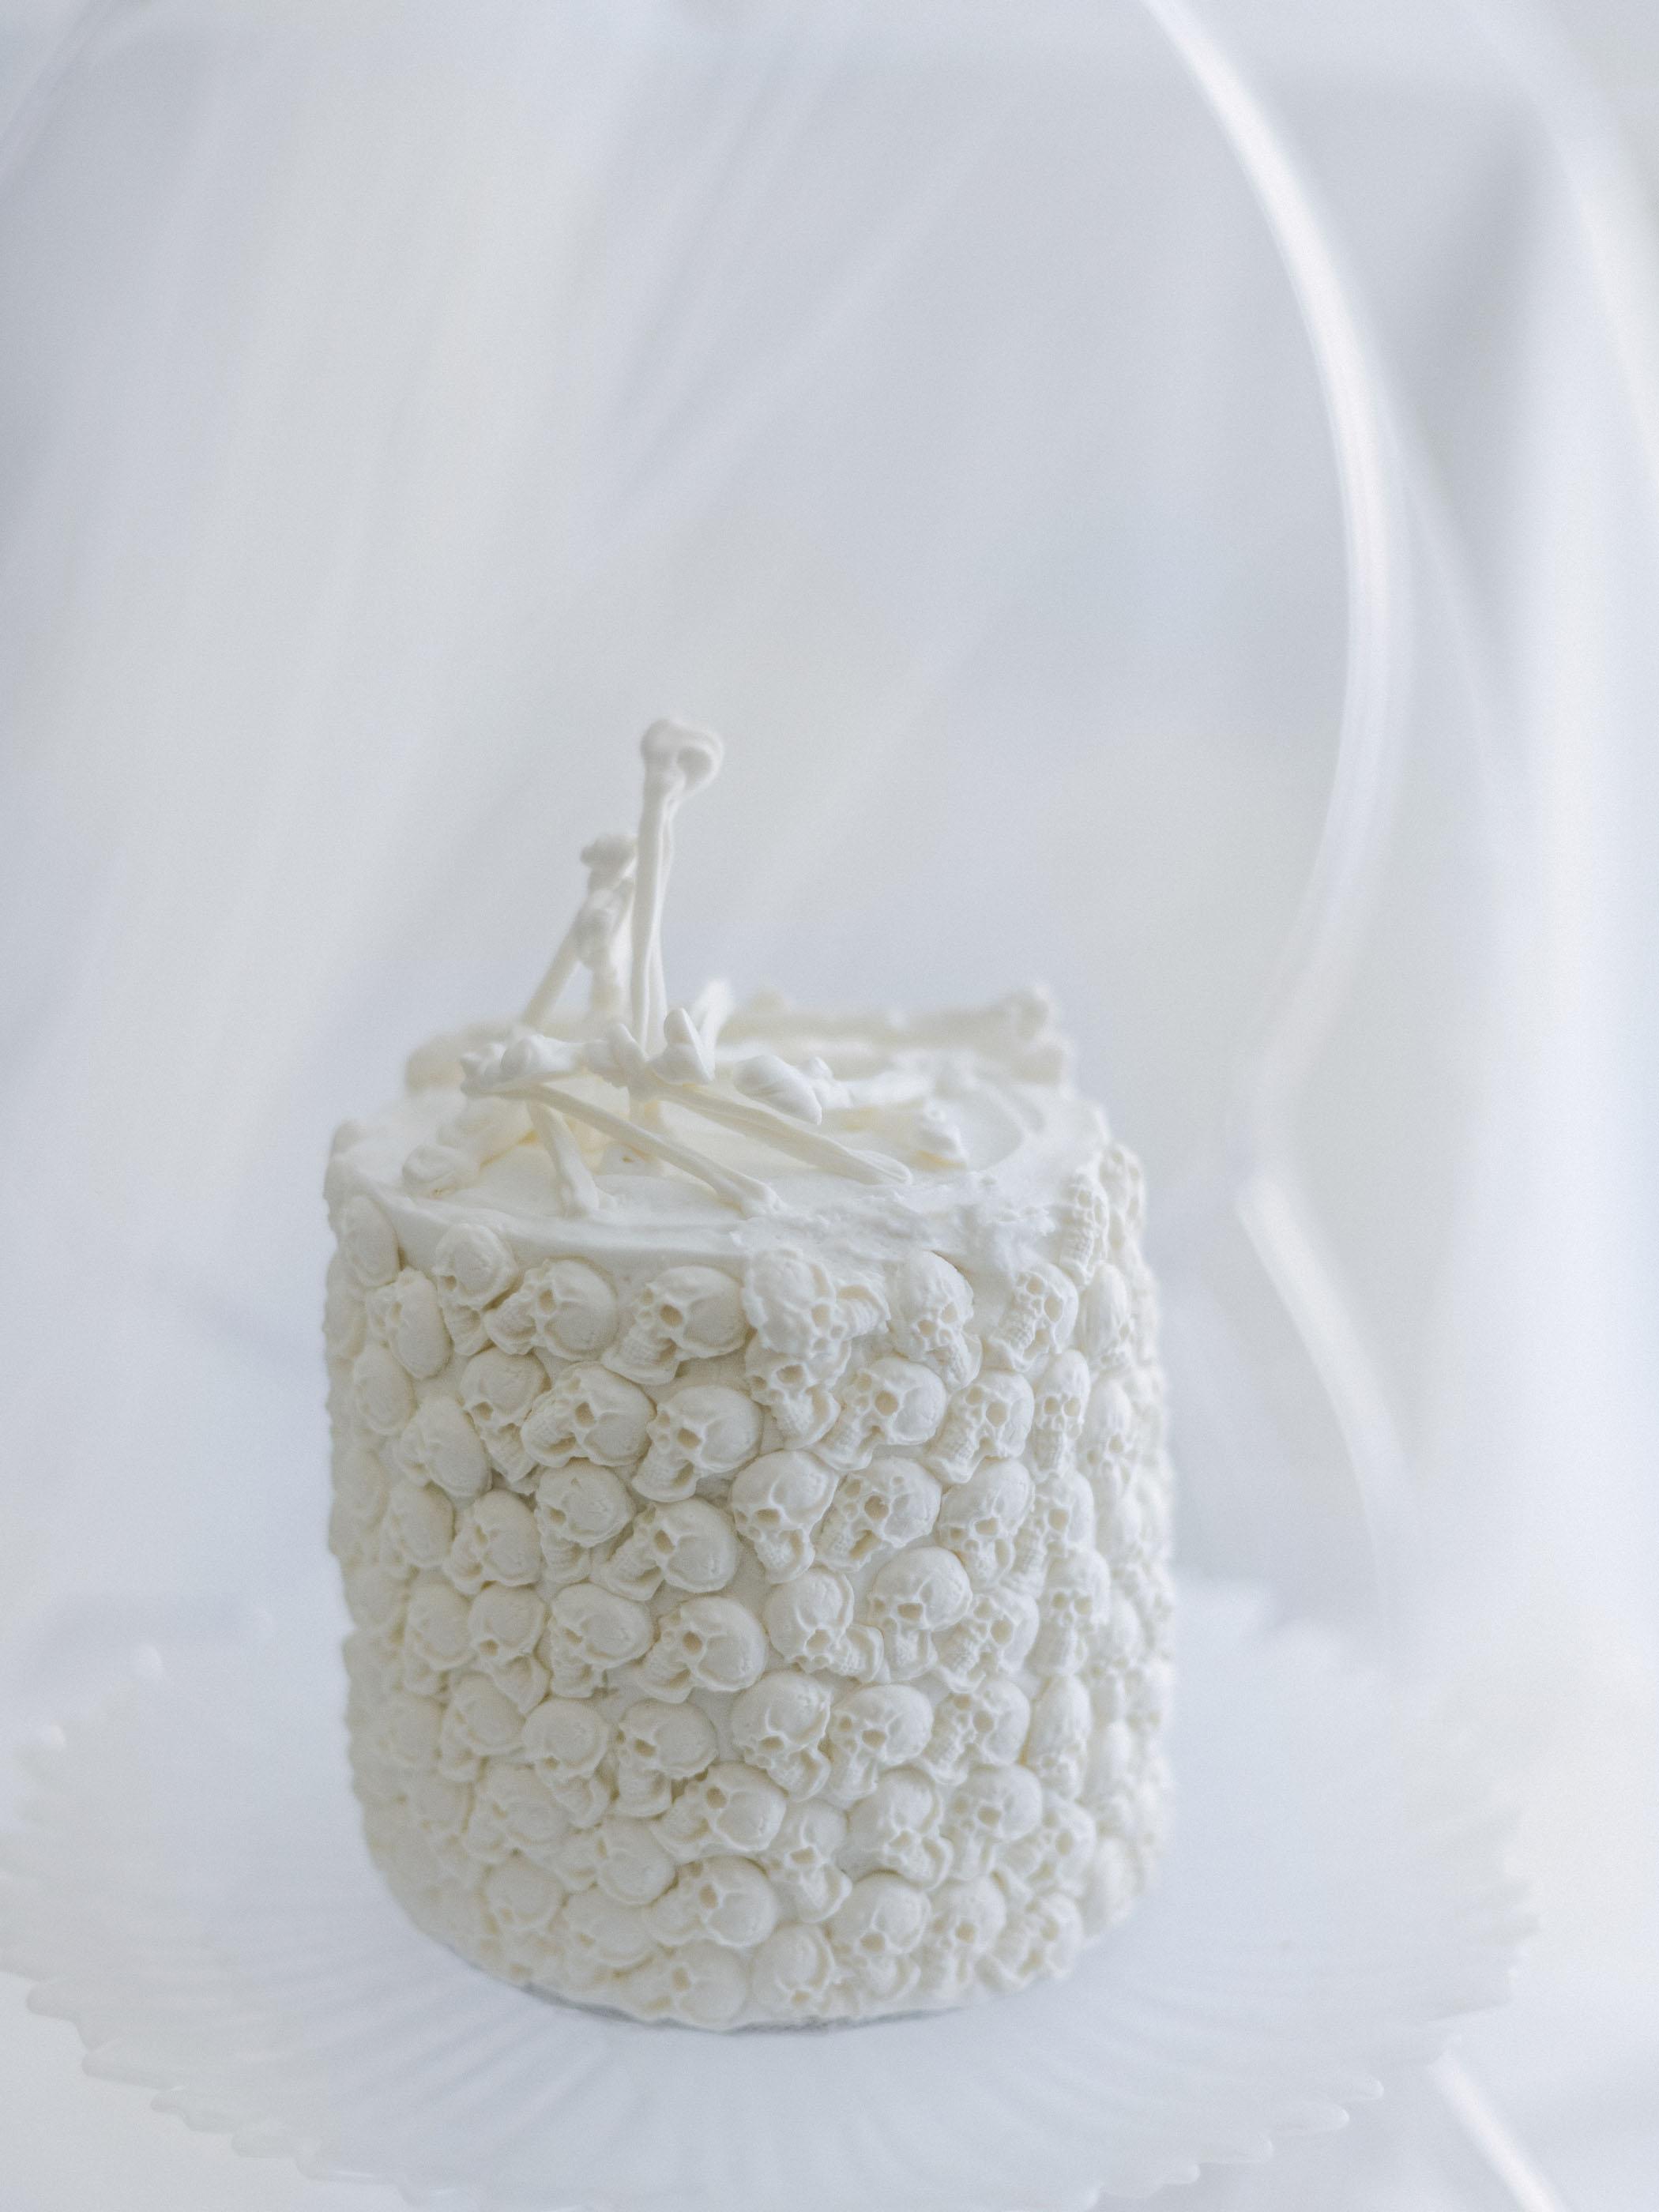 White Skeleton Cake